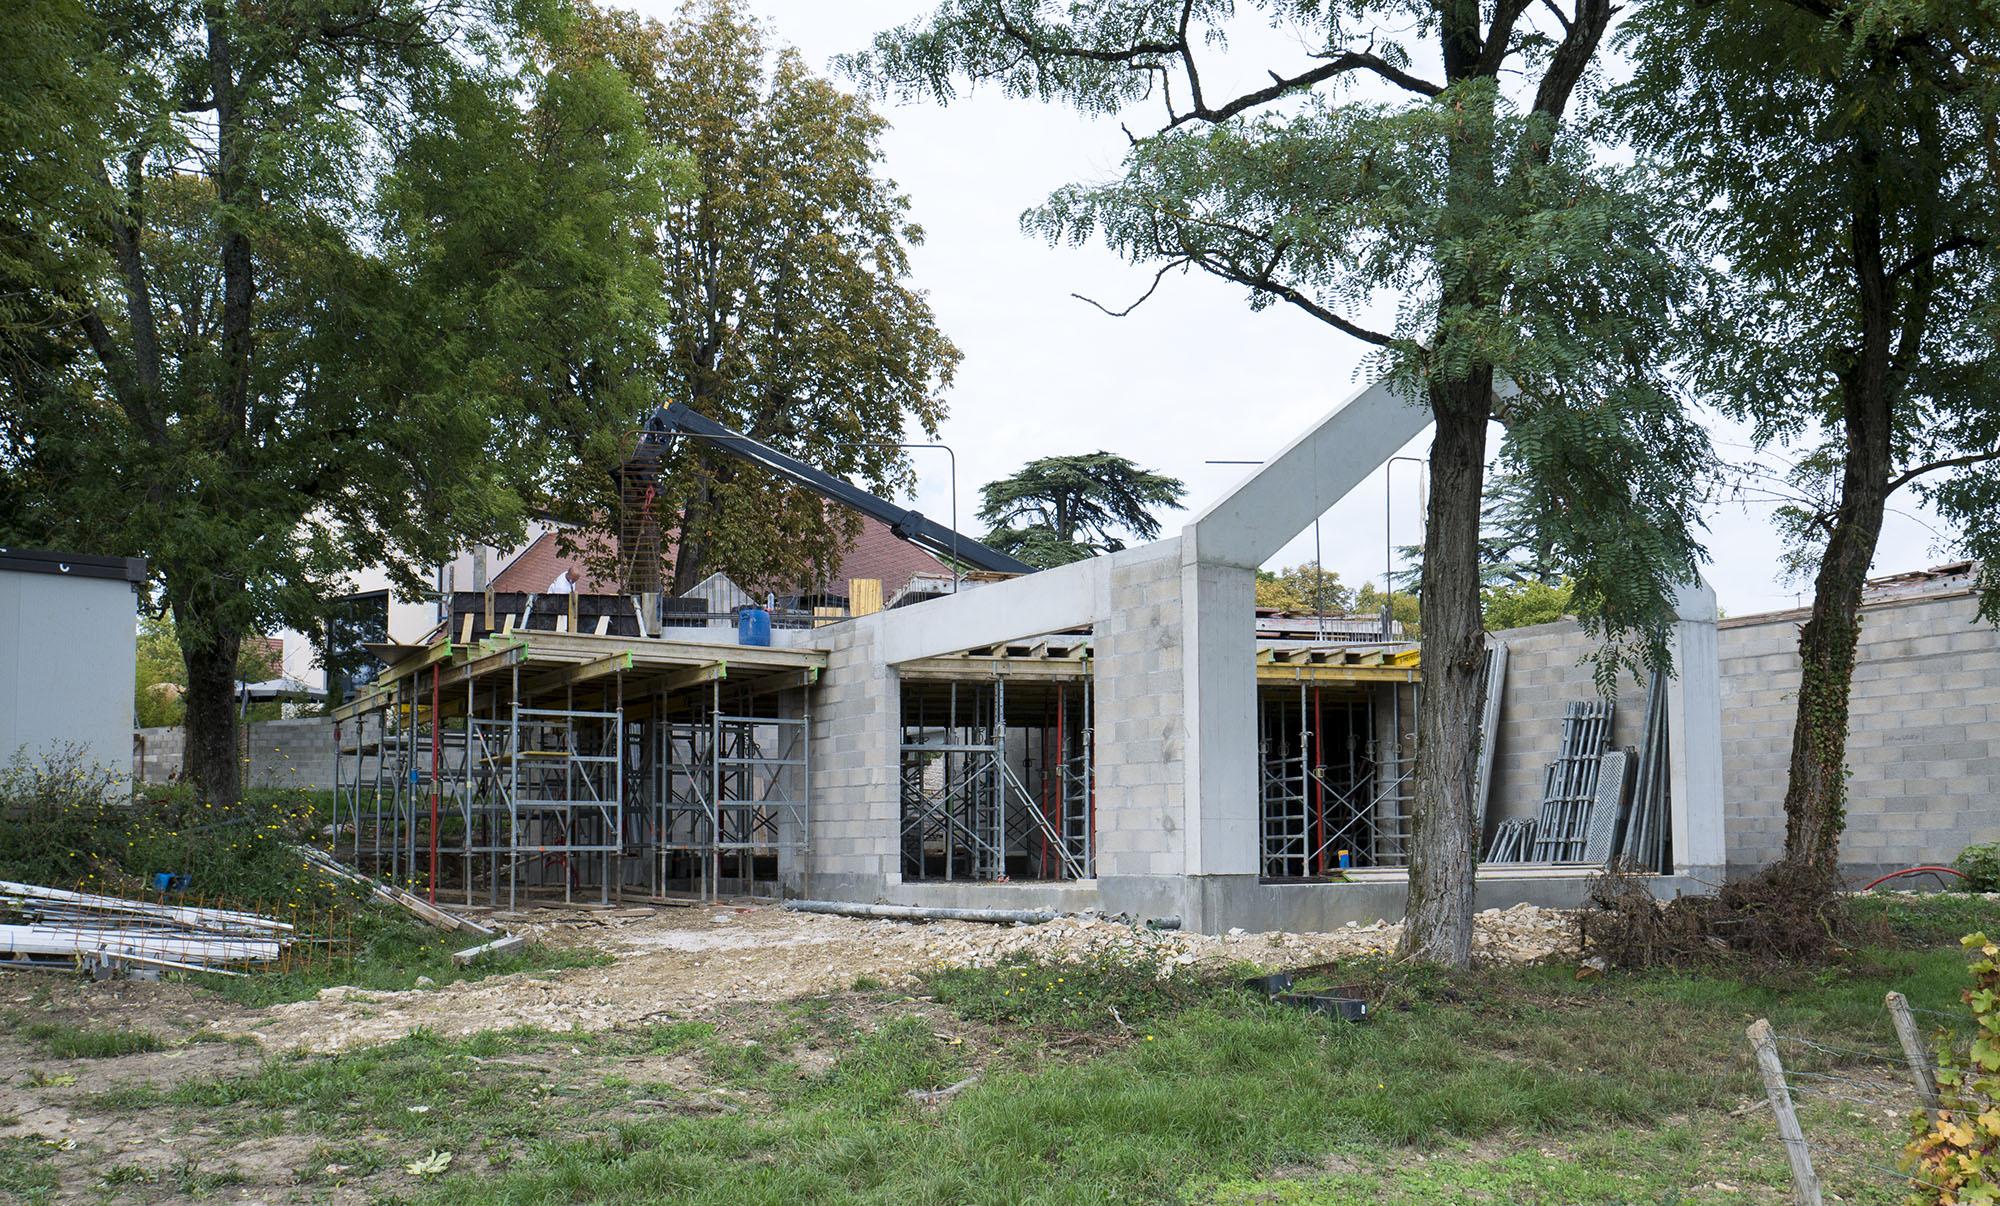 Chouette-architecture-villa-Fixin-2000-8